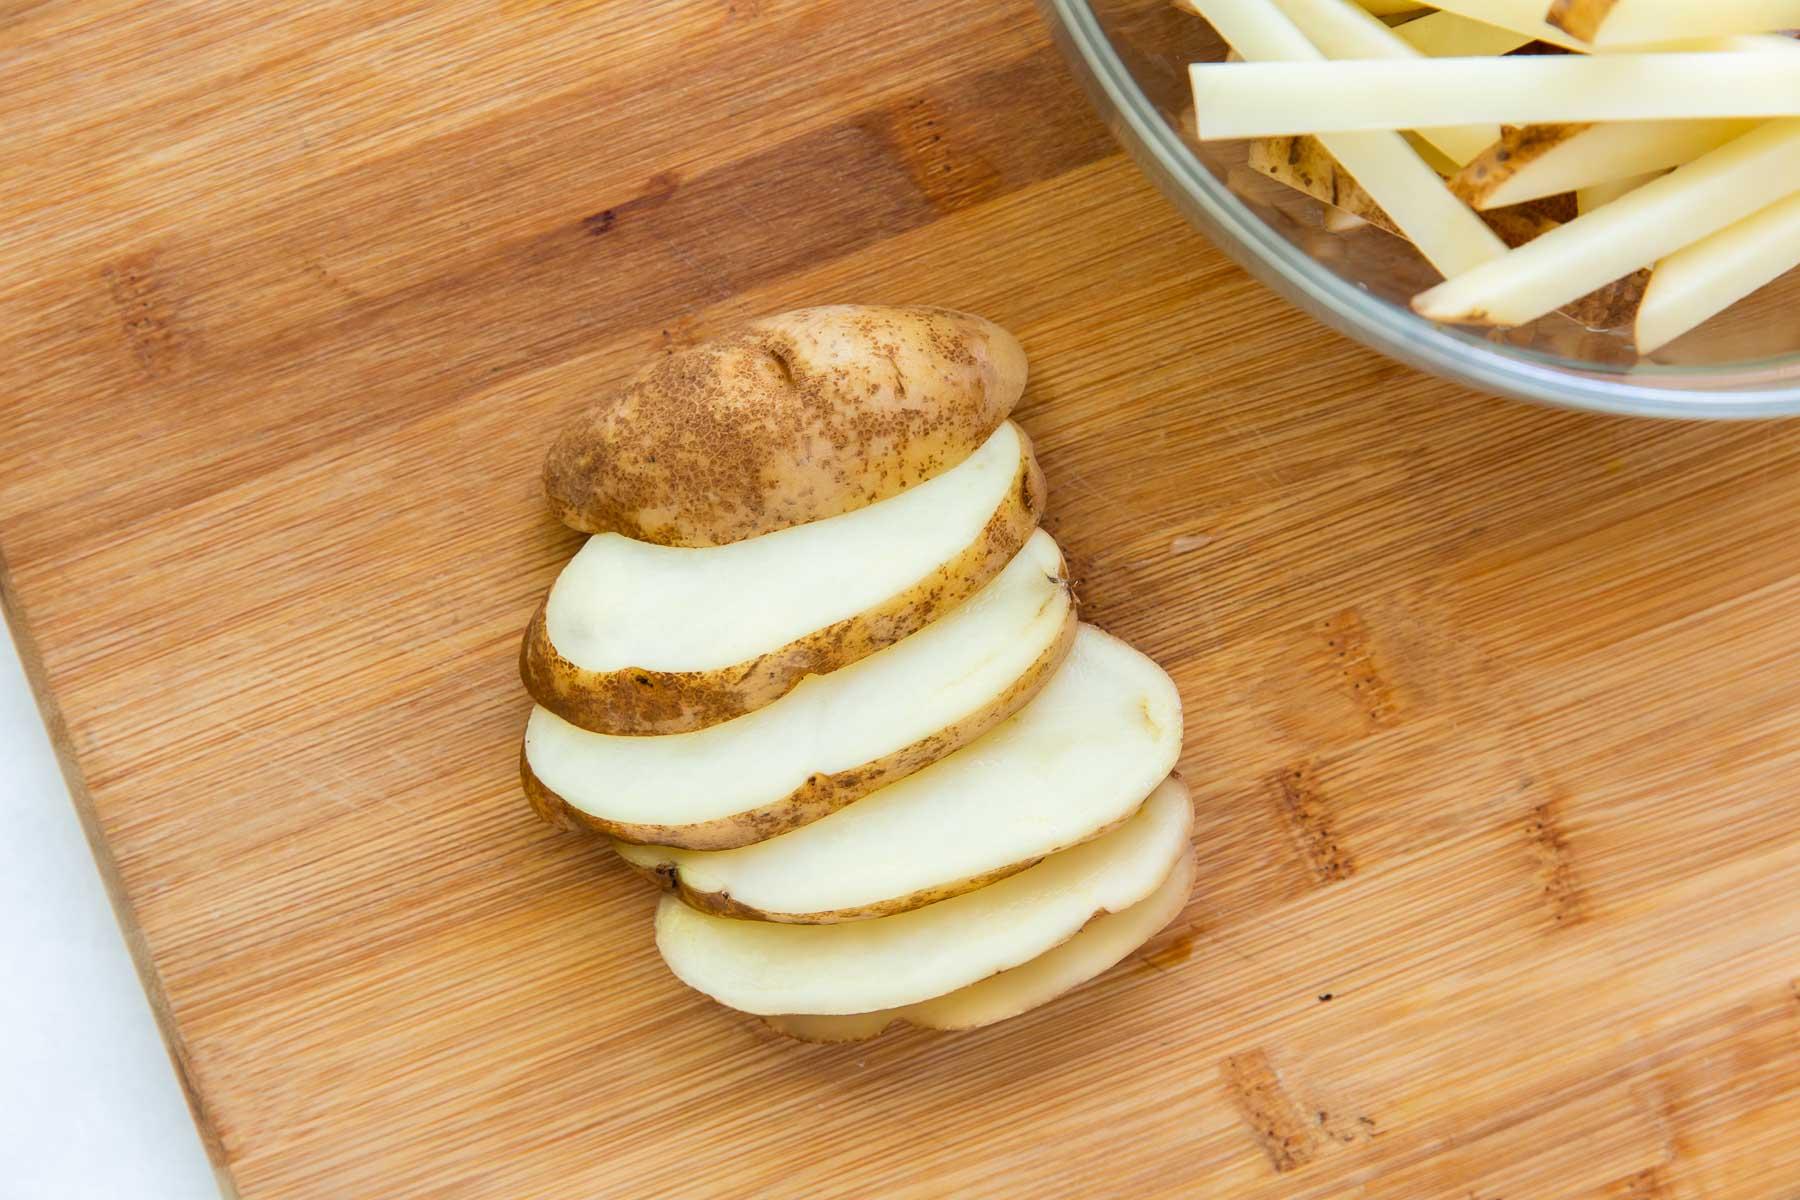 potato cut into 1/4-inch thick slices